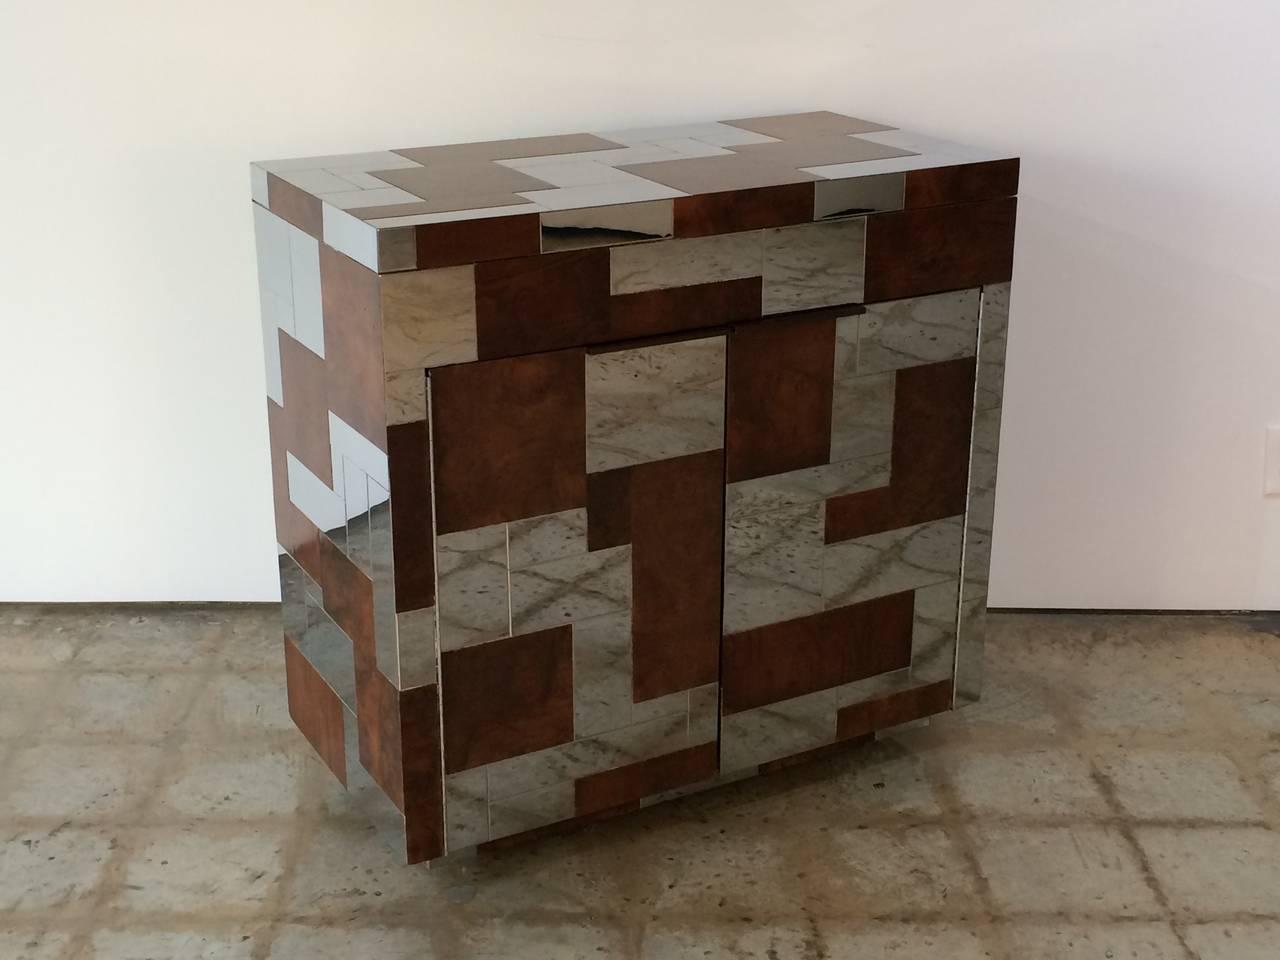 Rare Paul Evans Studio Burl Wood And Chrome Flip Top Cityscape Bar Cabinet On Castors